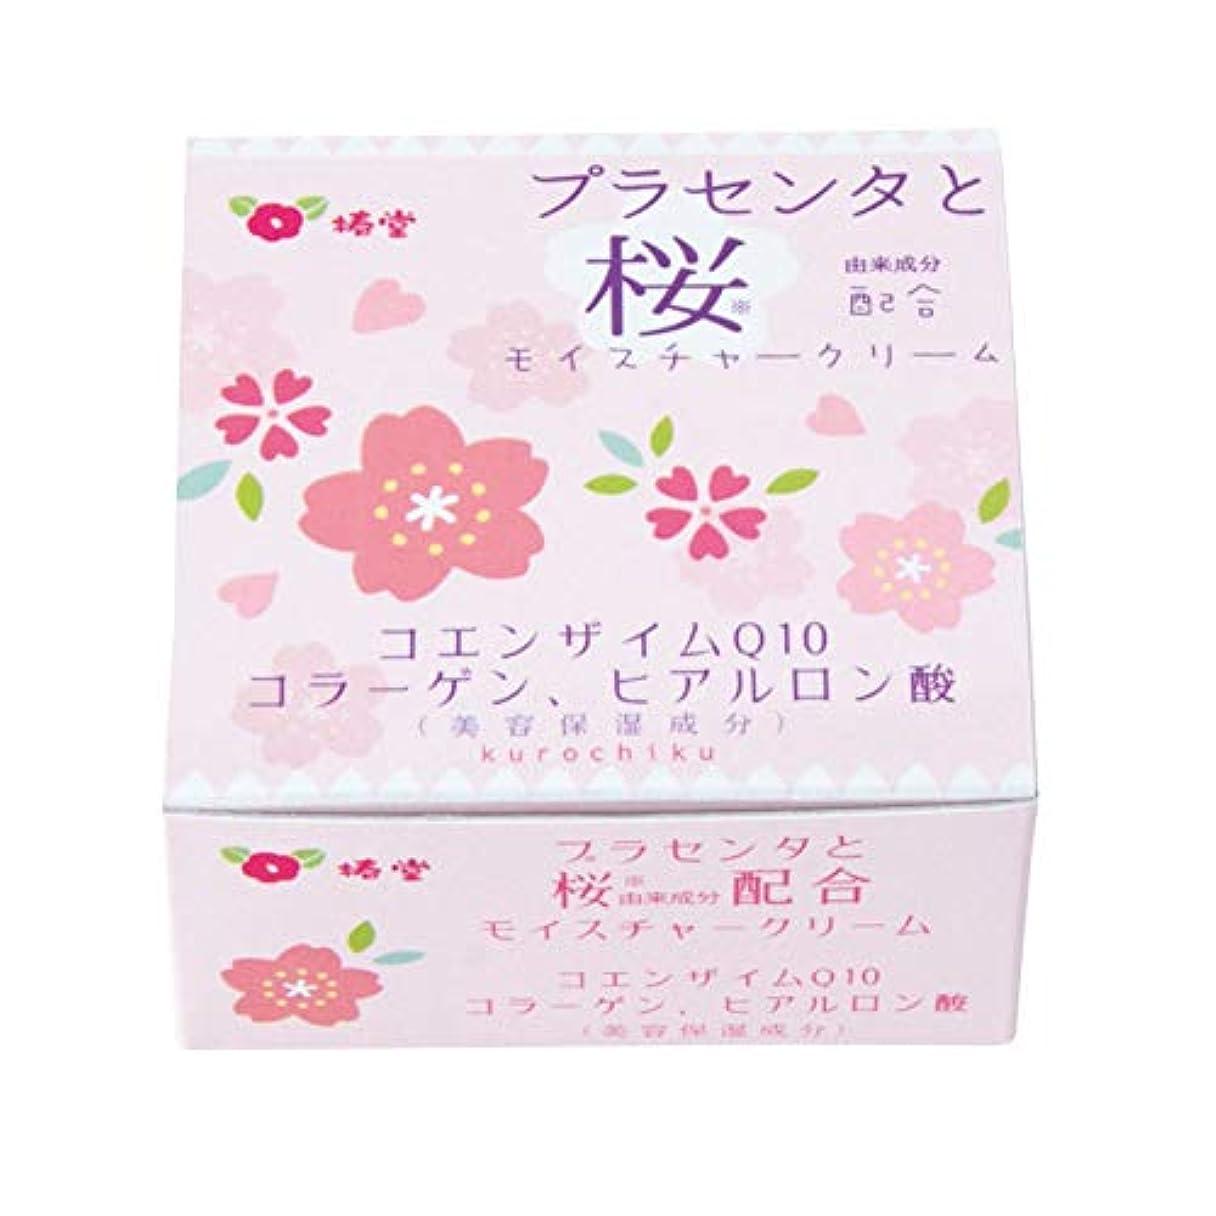 伝統的サンプル一生椿堂 桜モイスチャークリーム (プラセンタと桜) 京都くろちく